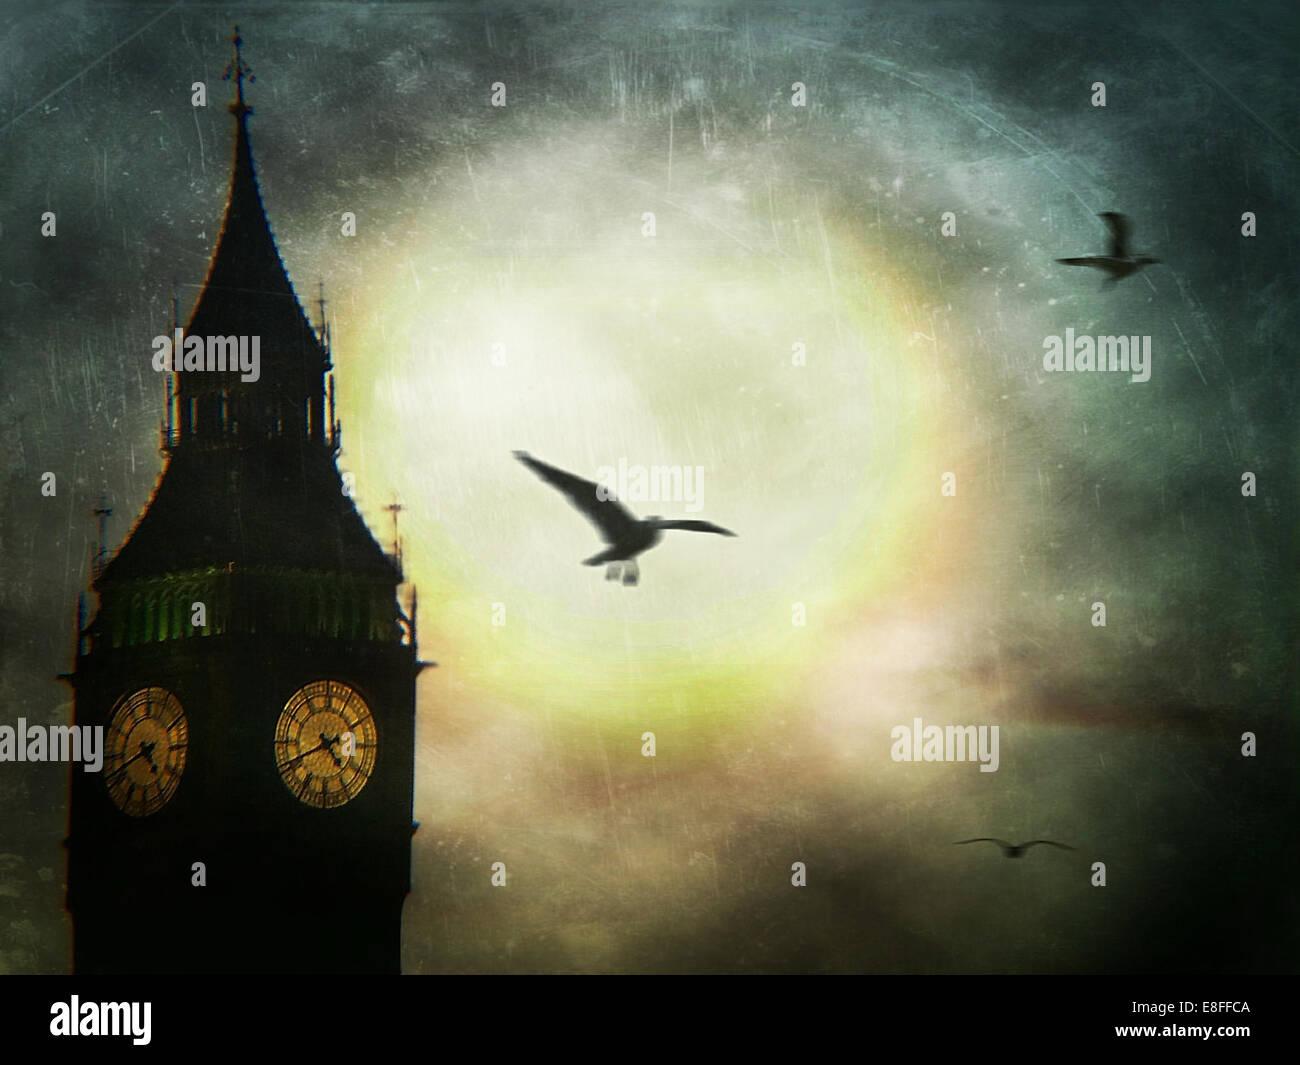 Uccelli passato Big Ben, London, England, Regno Unito Immagini Stock